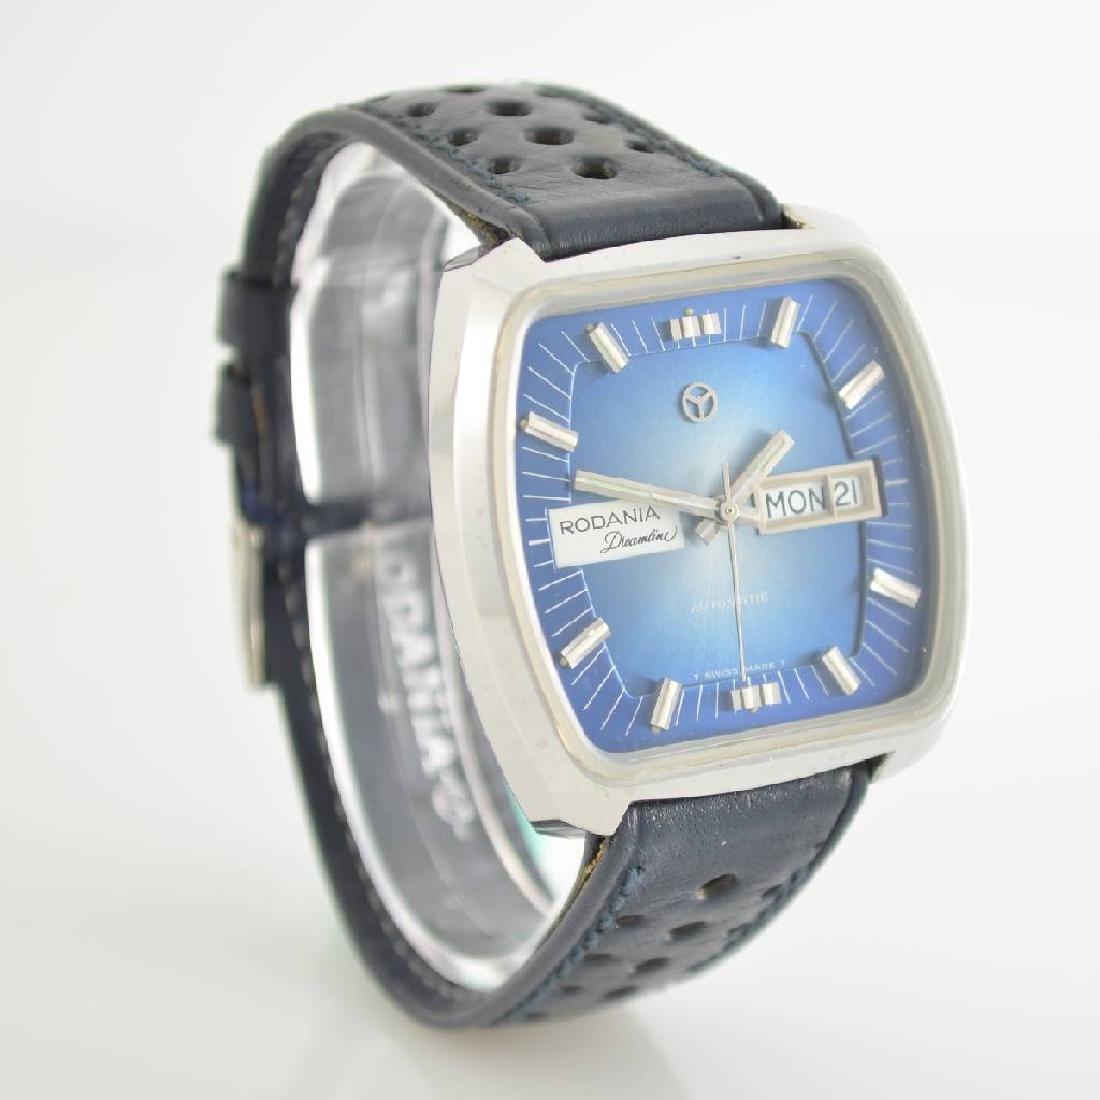 RODANIA Dreamline gents wristwatch - 5